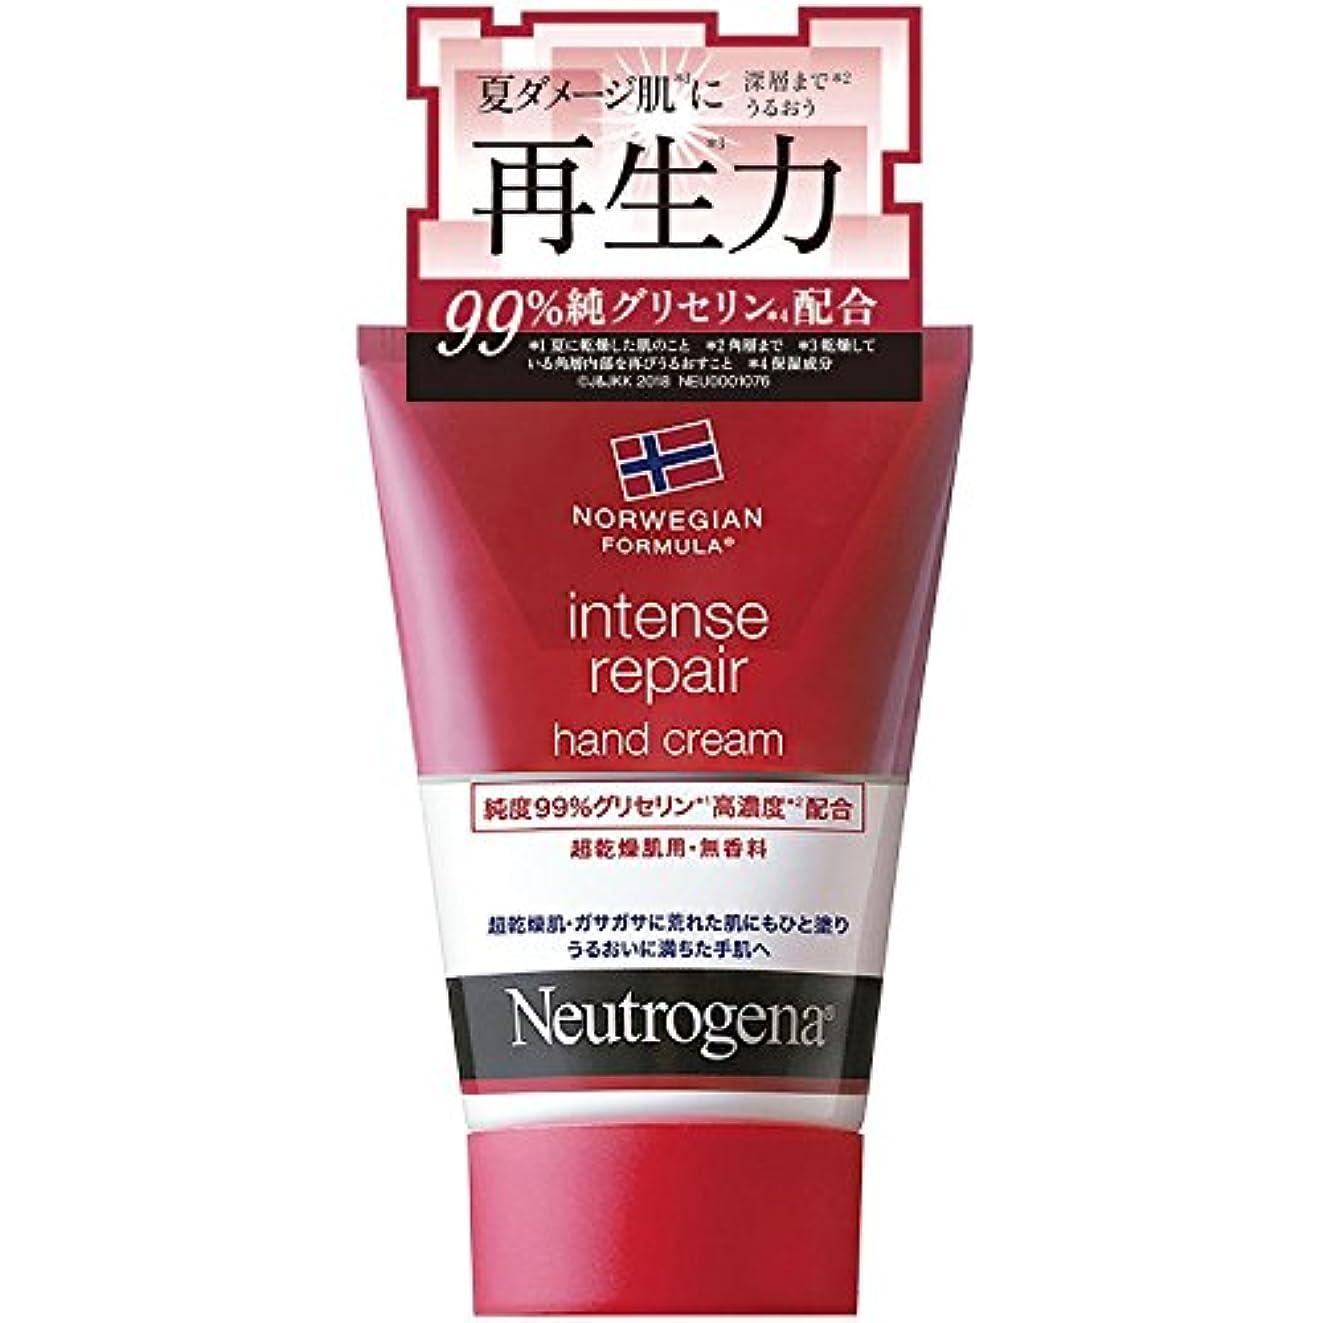 フォアマン確かなズームインするNeutrogena(ニュートロジーナ) ノルウェーフォーミュラ インテンスリペア ハンドクリーム 超乾燥肌用 無香料 単品 50g